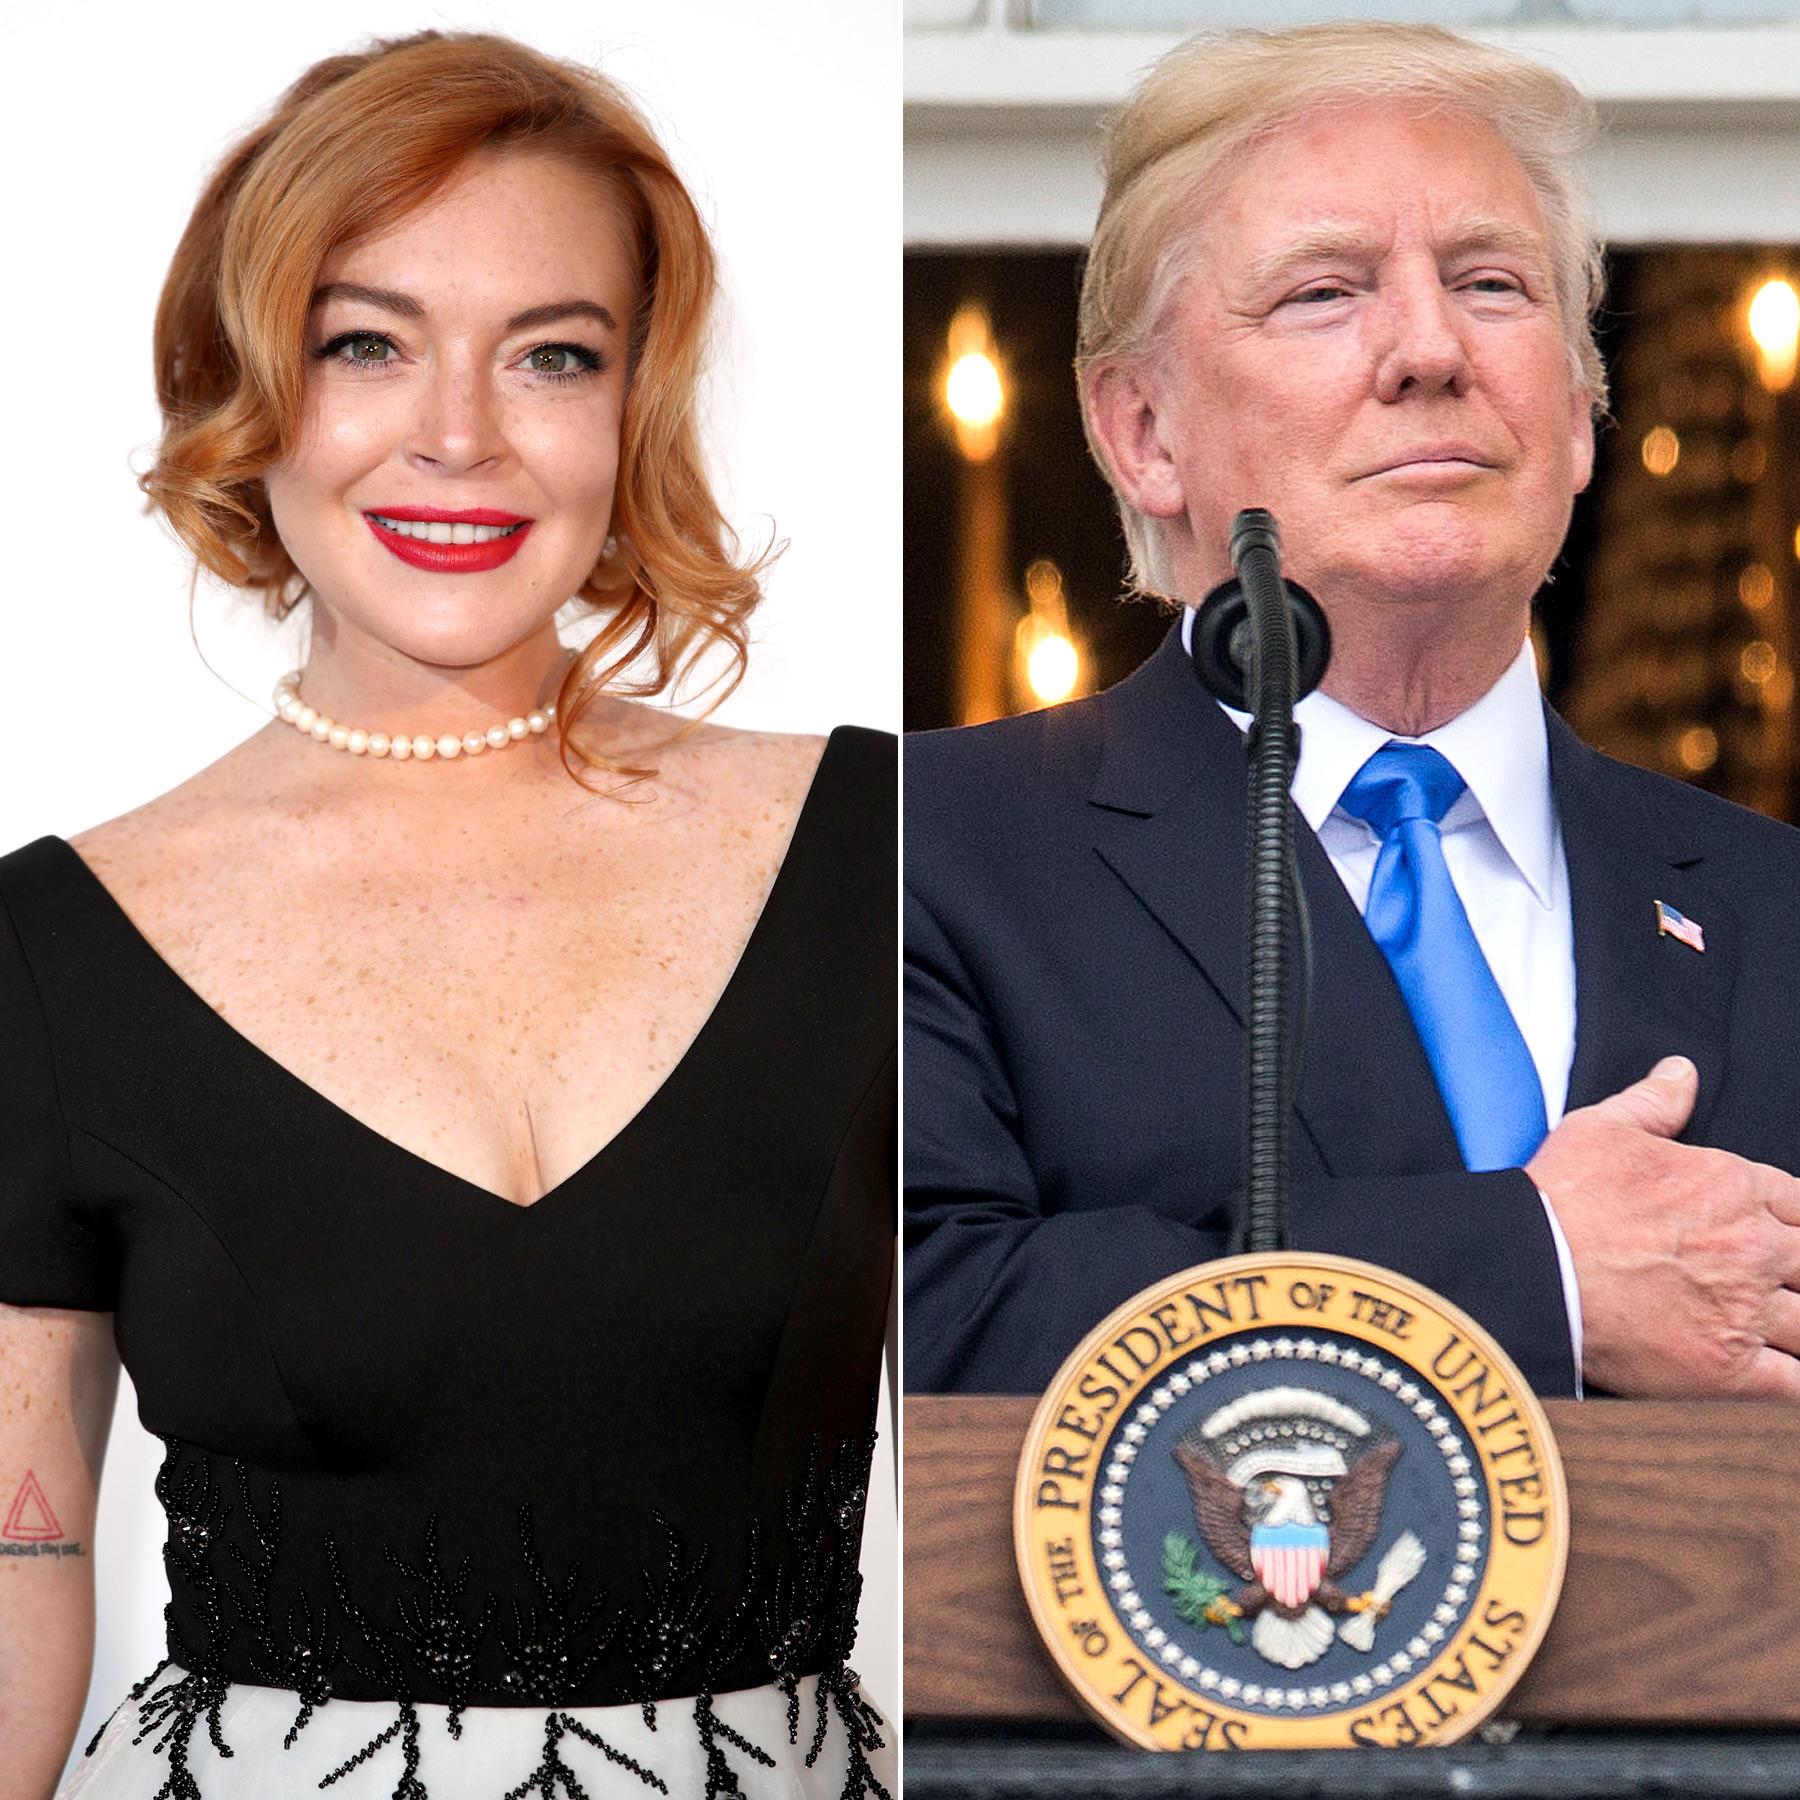 Linsday Lohan and Donald Trump